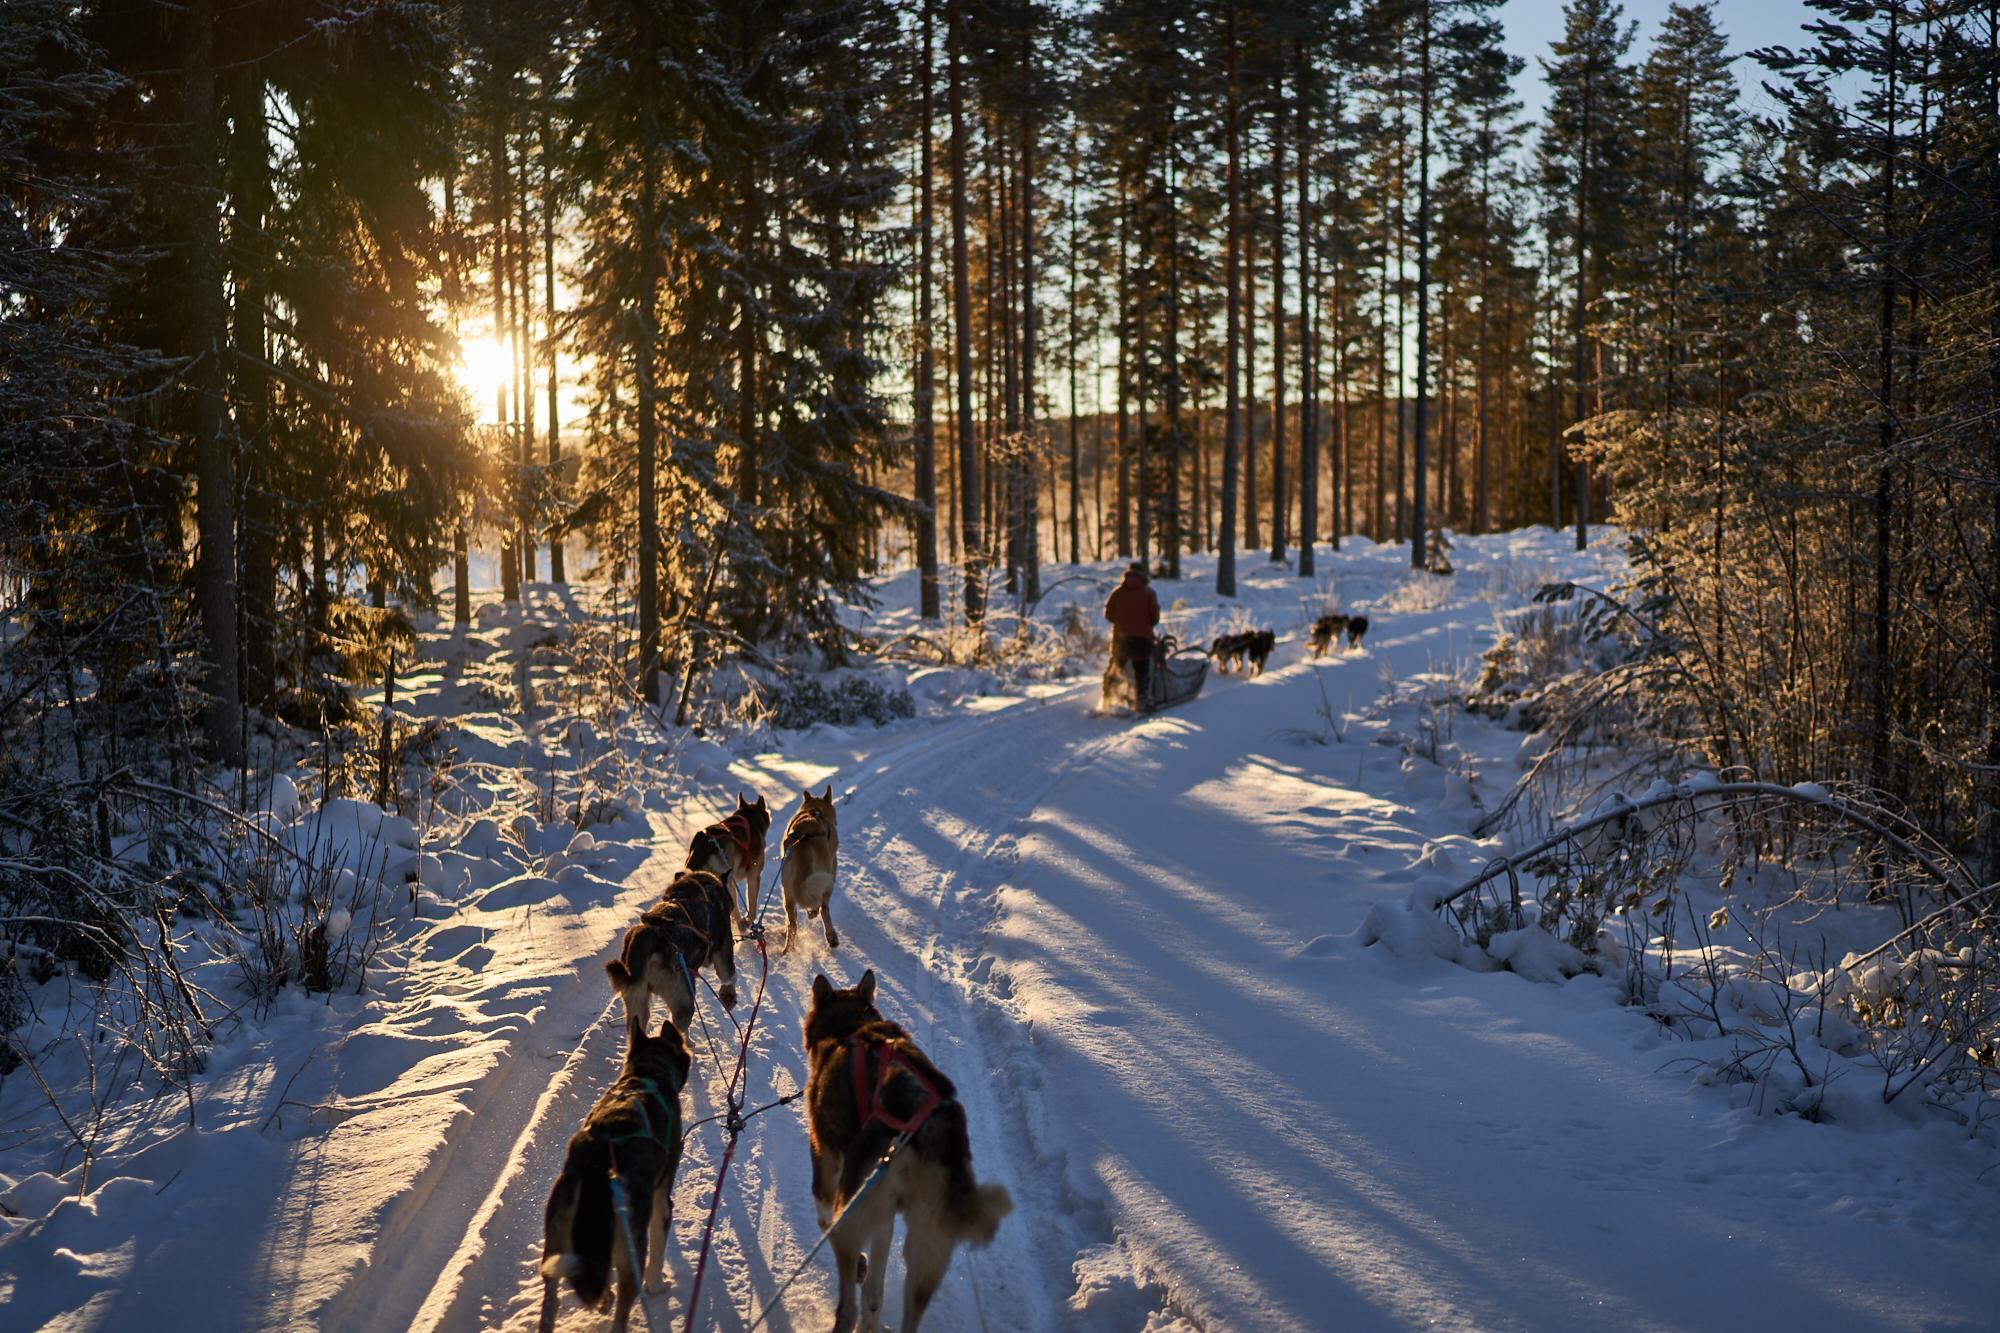 Zweden-2018-NIK01986.jpg